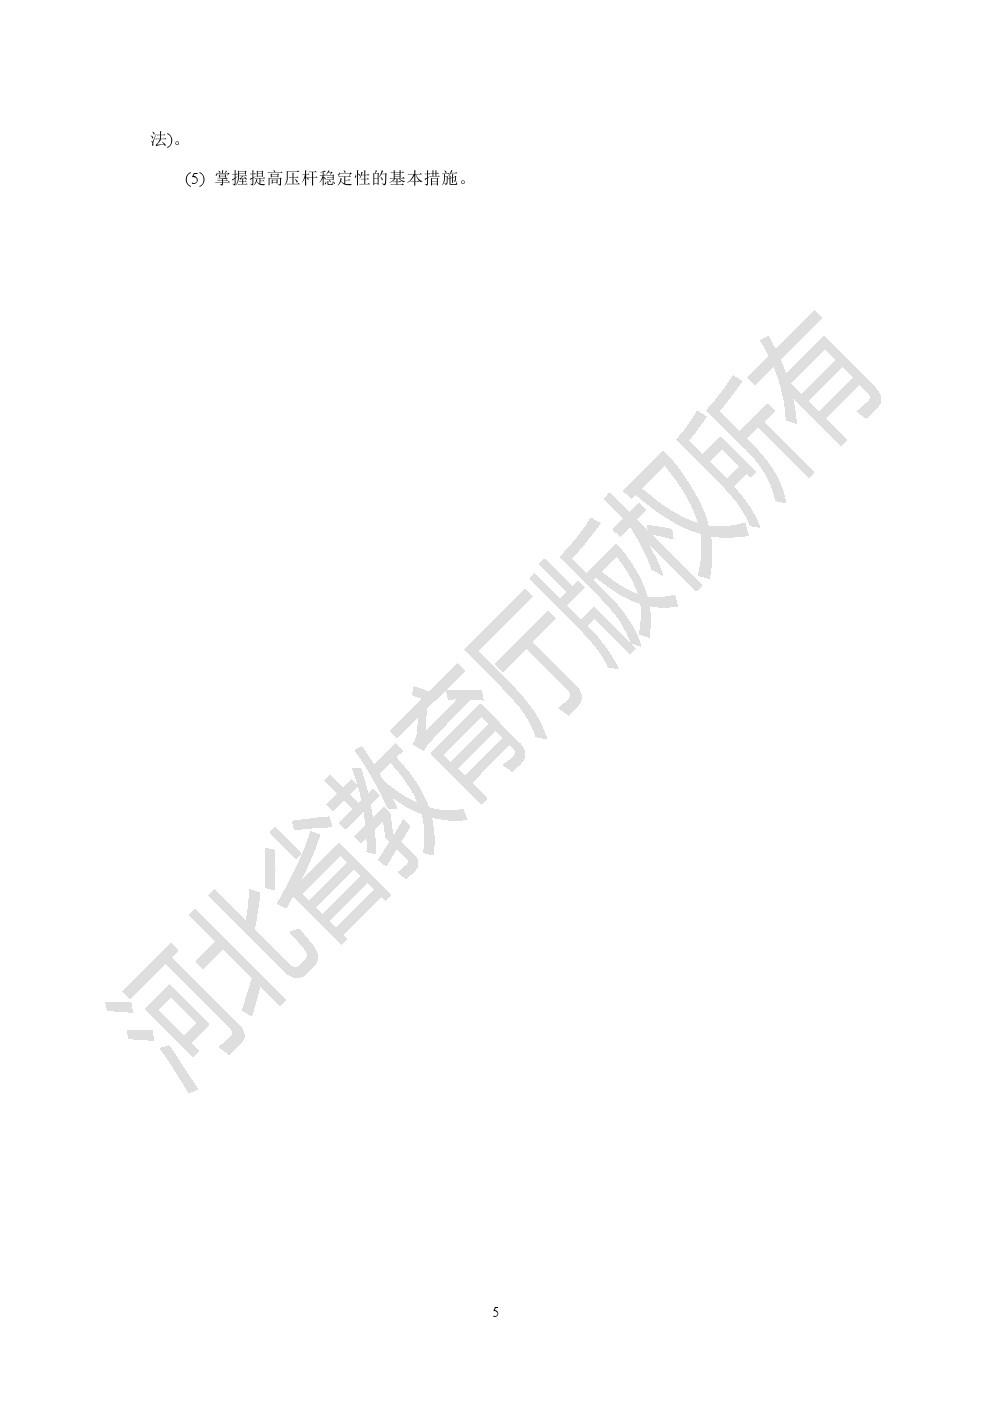 2020年河北省专接本考试理工类-城市地下空间工程、道路桥梁与渡河工程、建筑学、勘察技术与工程、历史建筑保护工程、土木工程专业考试说明(材料力学、混凝土结构设计原理)